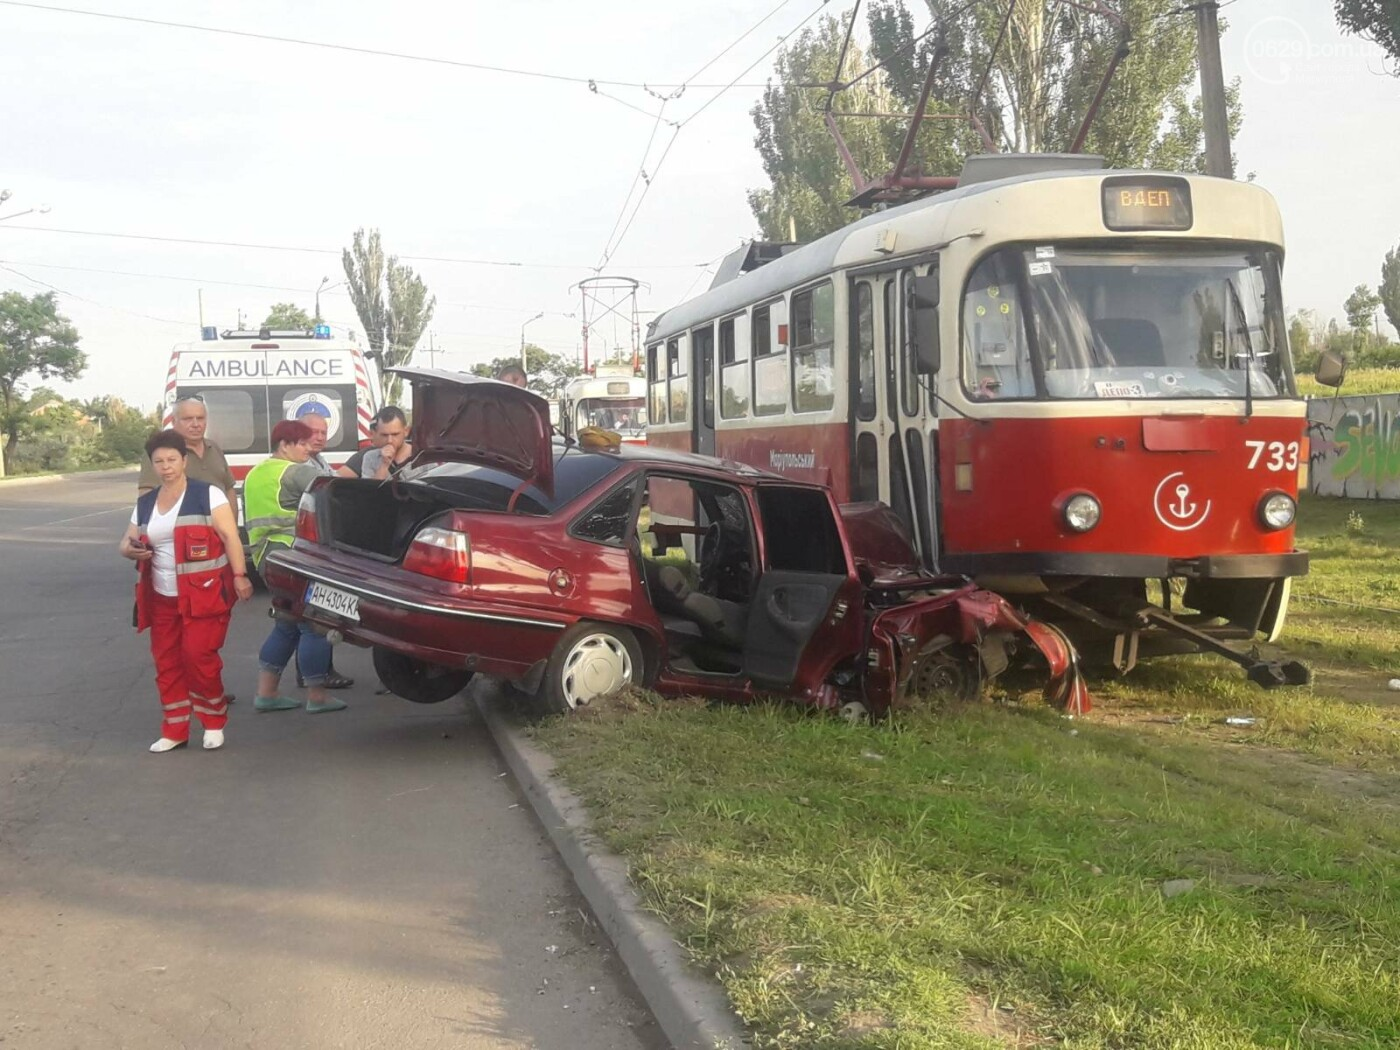 В Мариуполе Daewoo влетел в трамвай. Водитель легковушки серьезно пострадал, - ФОТО, фото-7